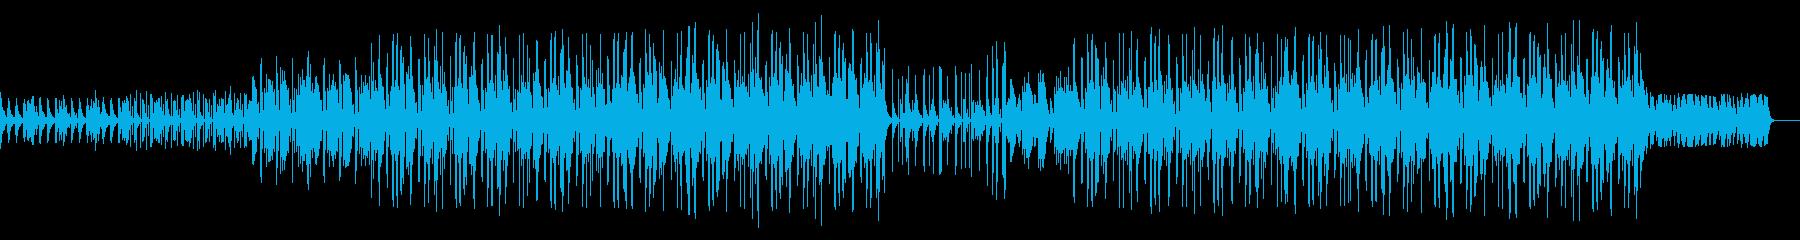 レトロ ダーク 哀愁 トラップビートの再生済みの波形